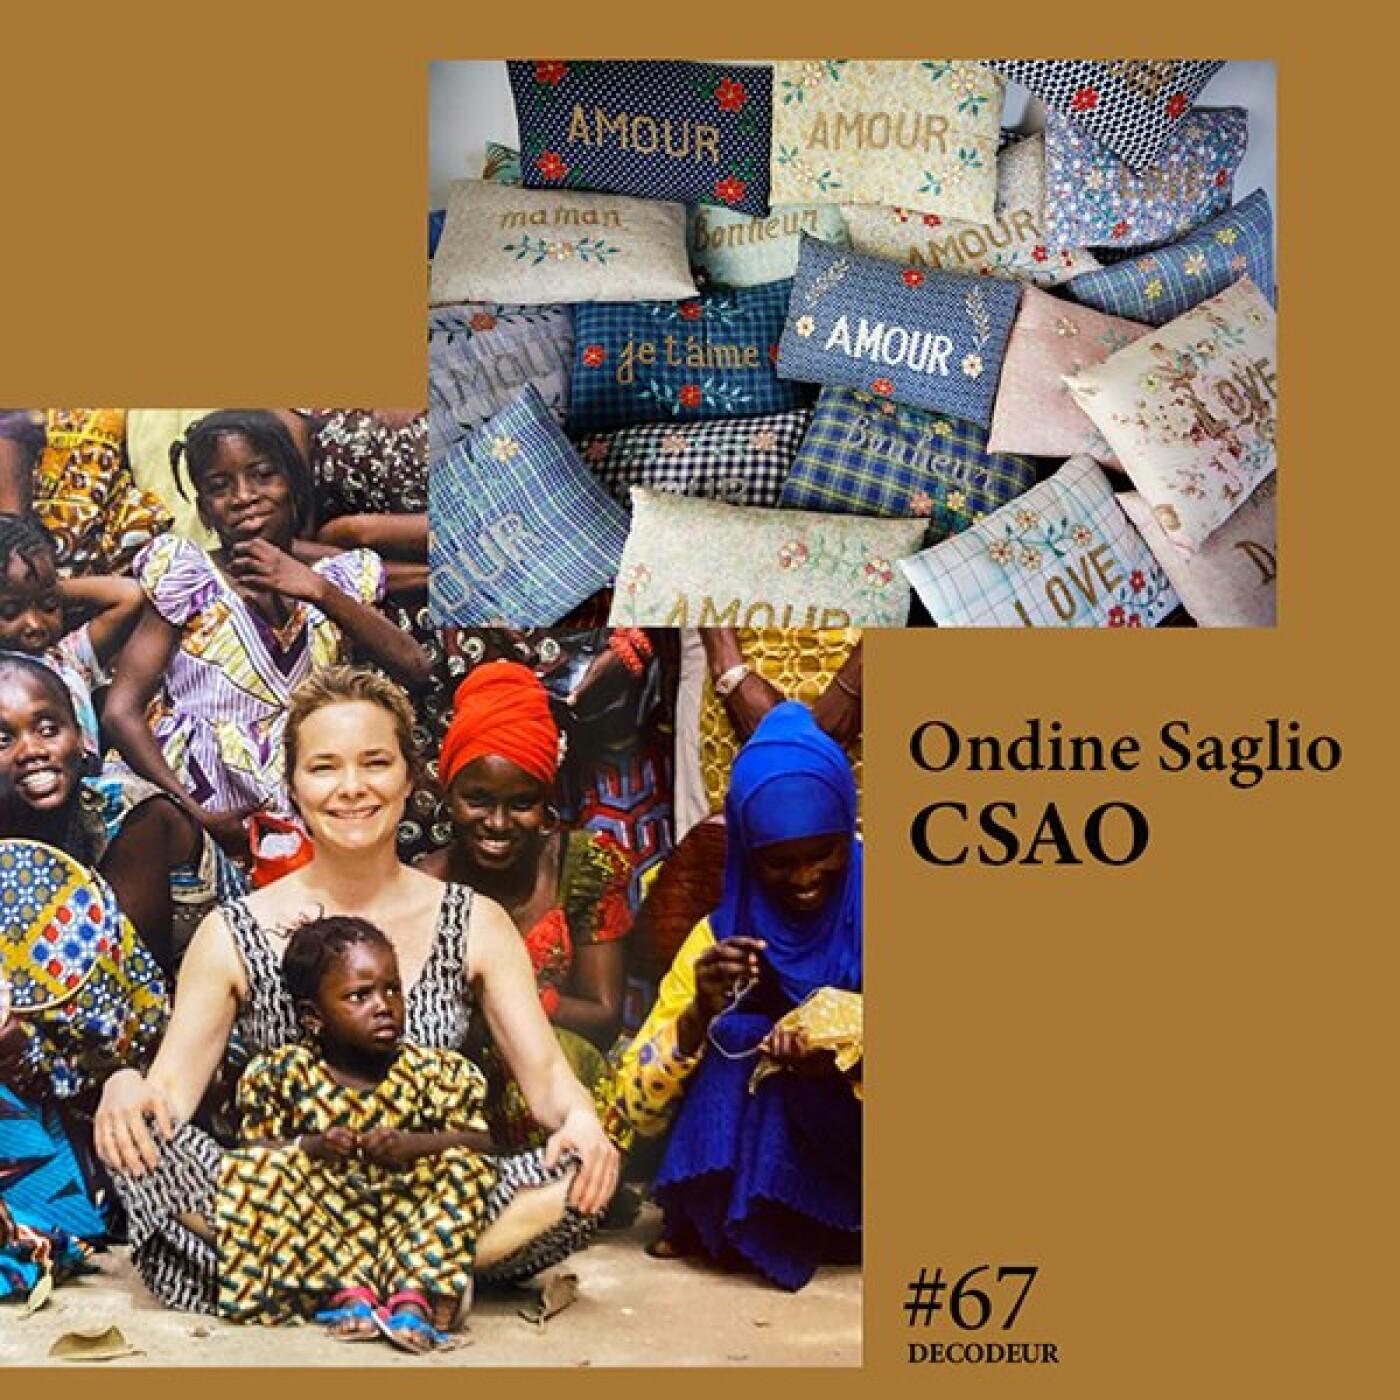 #67 Ondine Saglio / CSAO, plus qu'une marque déco, une aventure humaine